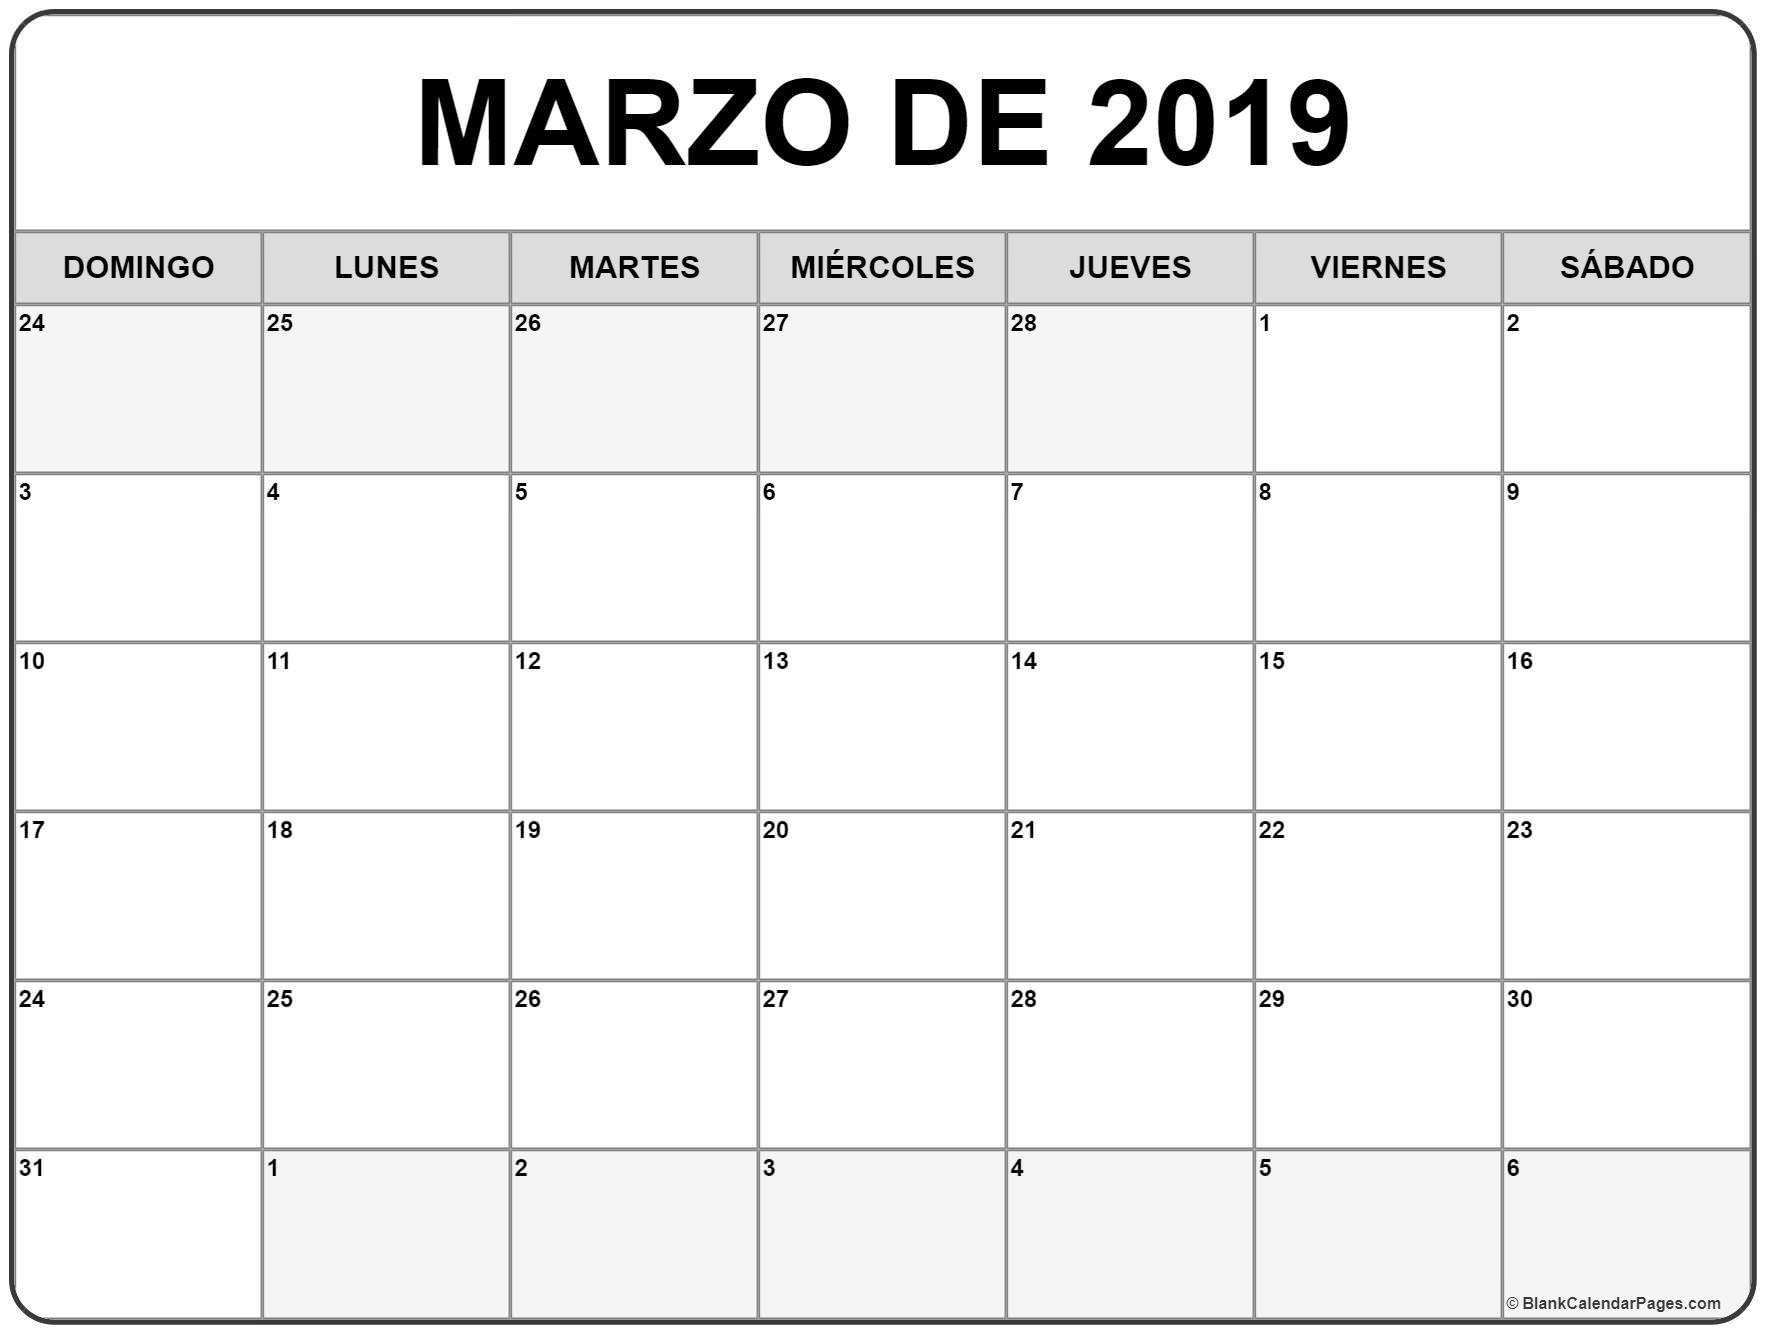 Calendario 2019 Con Festivos Comunidad Valenciana Más Recientes Calendario Escolar 2018 2019 Más De 100 Plantillas E Imágenes Para Of Calendario 2019 Con Festivos Comunidad Valenciana Más Populares Inicio Ayuntamiento De aspe